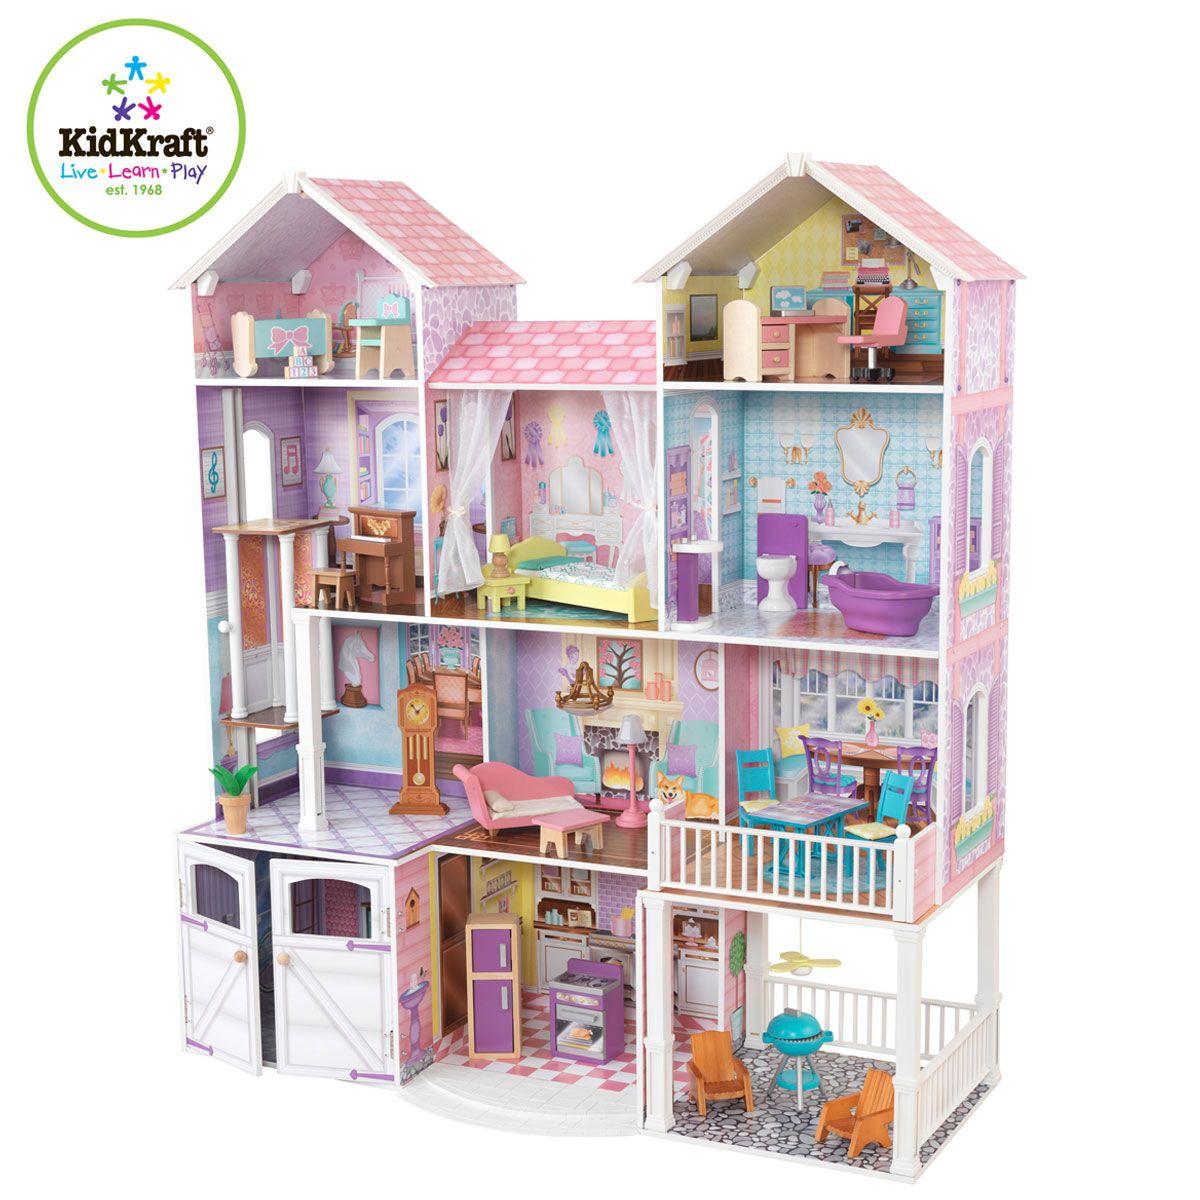 Letto A Castello Barbie.Kidkraft Casa Delle Bambole Country Estate Case Delle Bambole